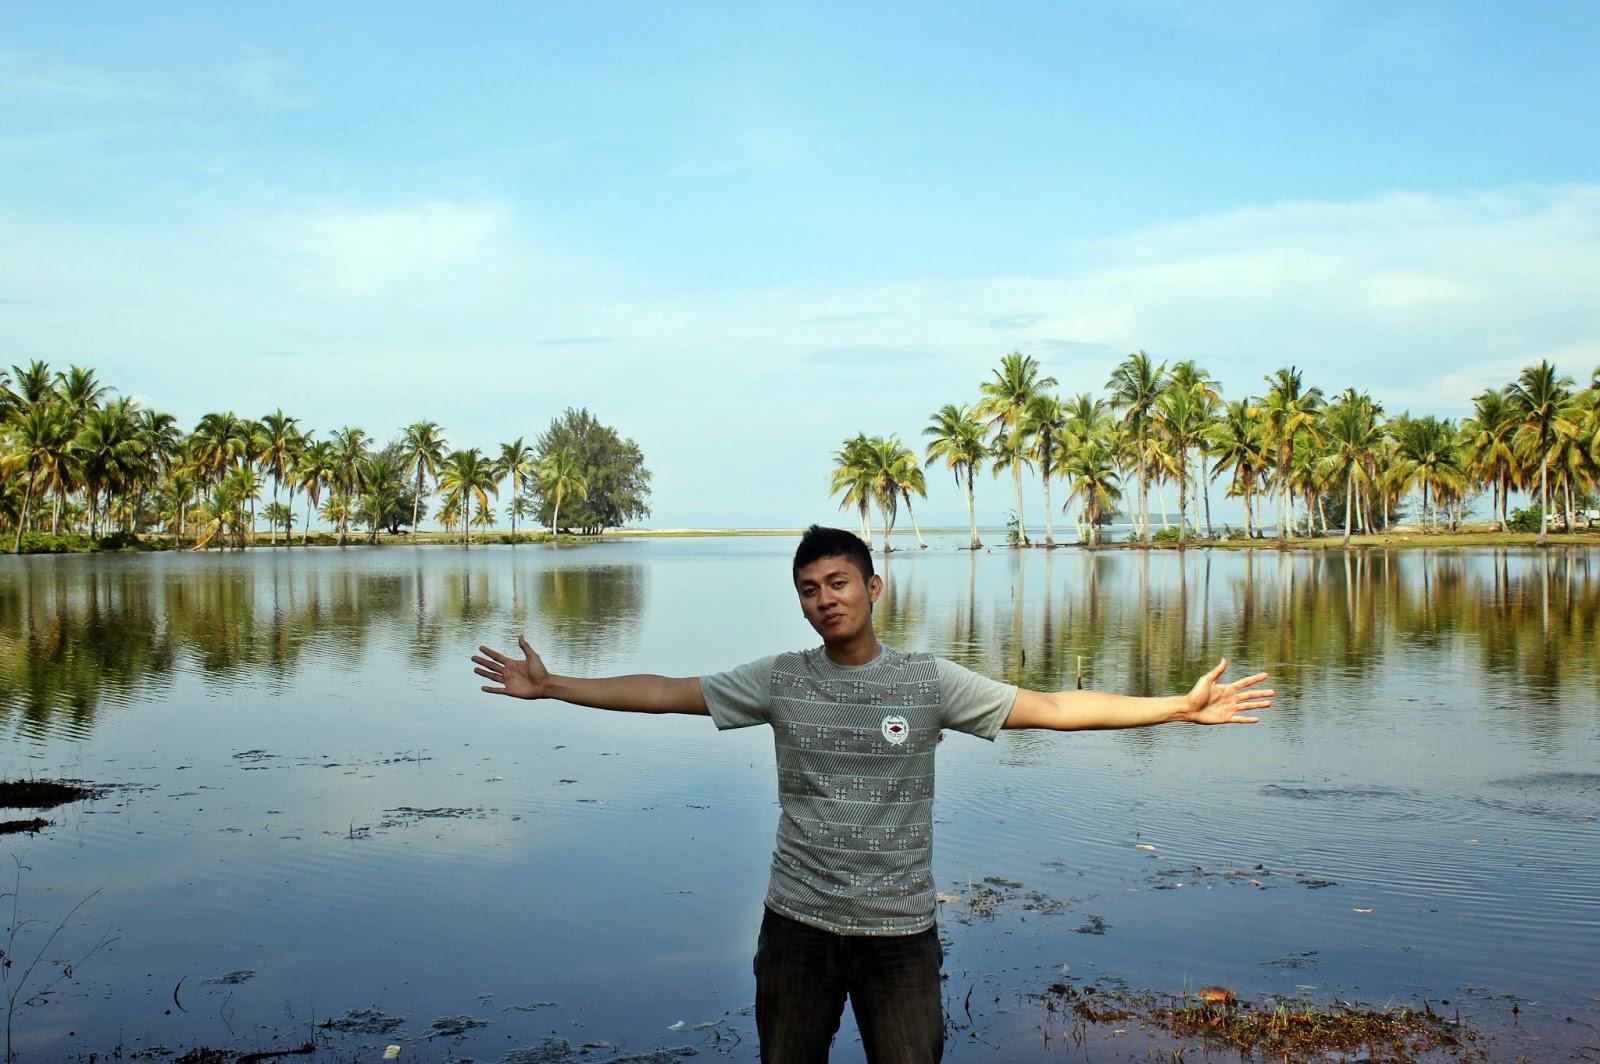 Jelajah Nagari Awak Pantai Tiku Selatan Mutiara Yang Terpendam Dari Sumatra Barat